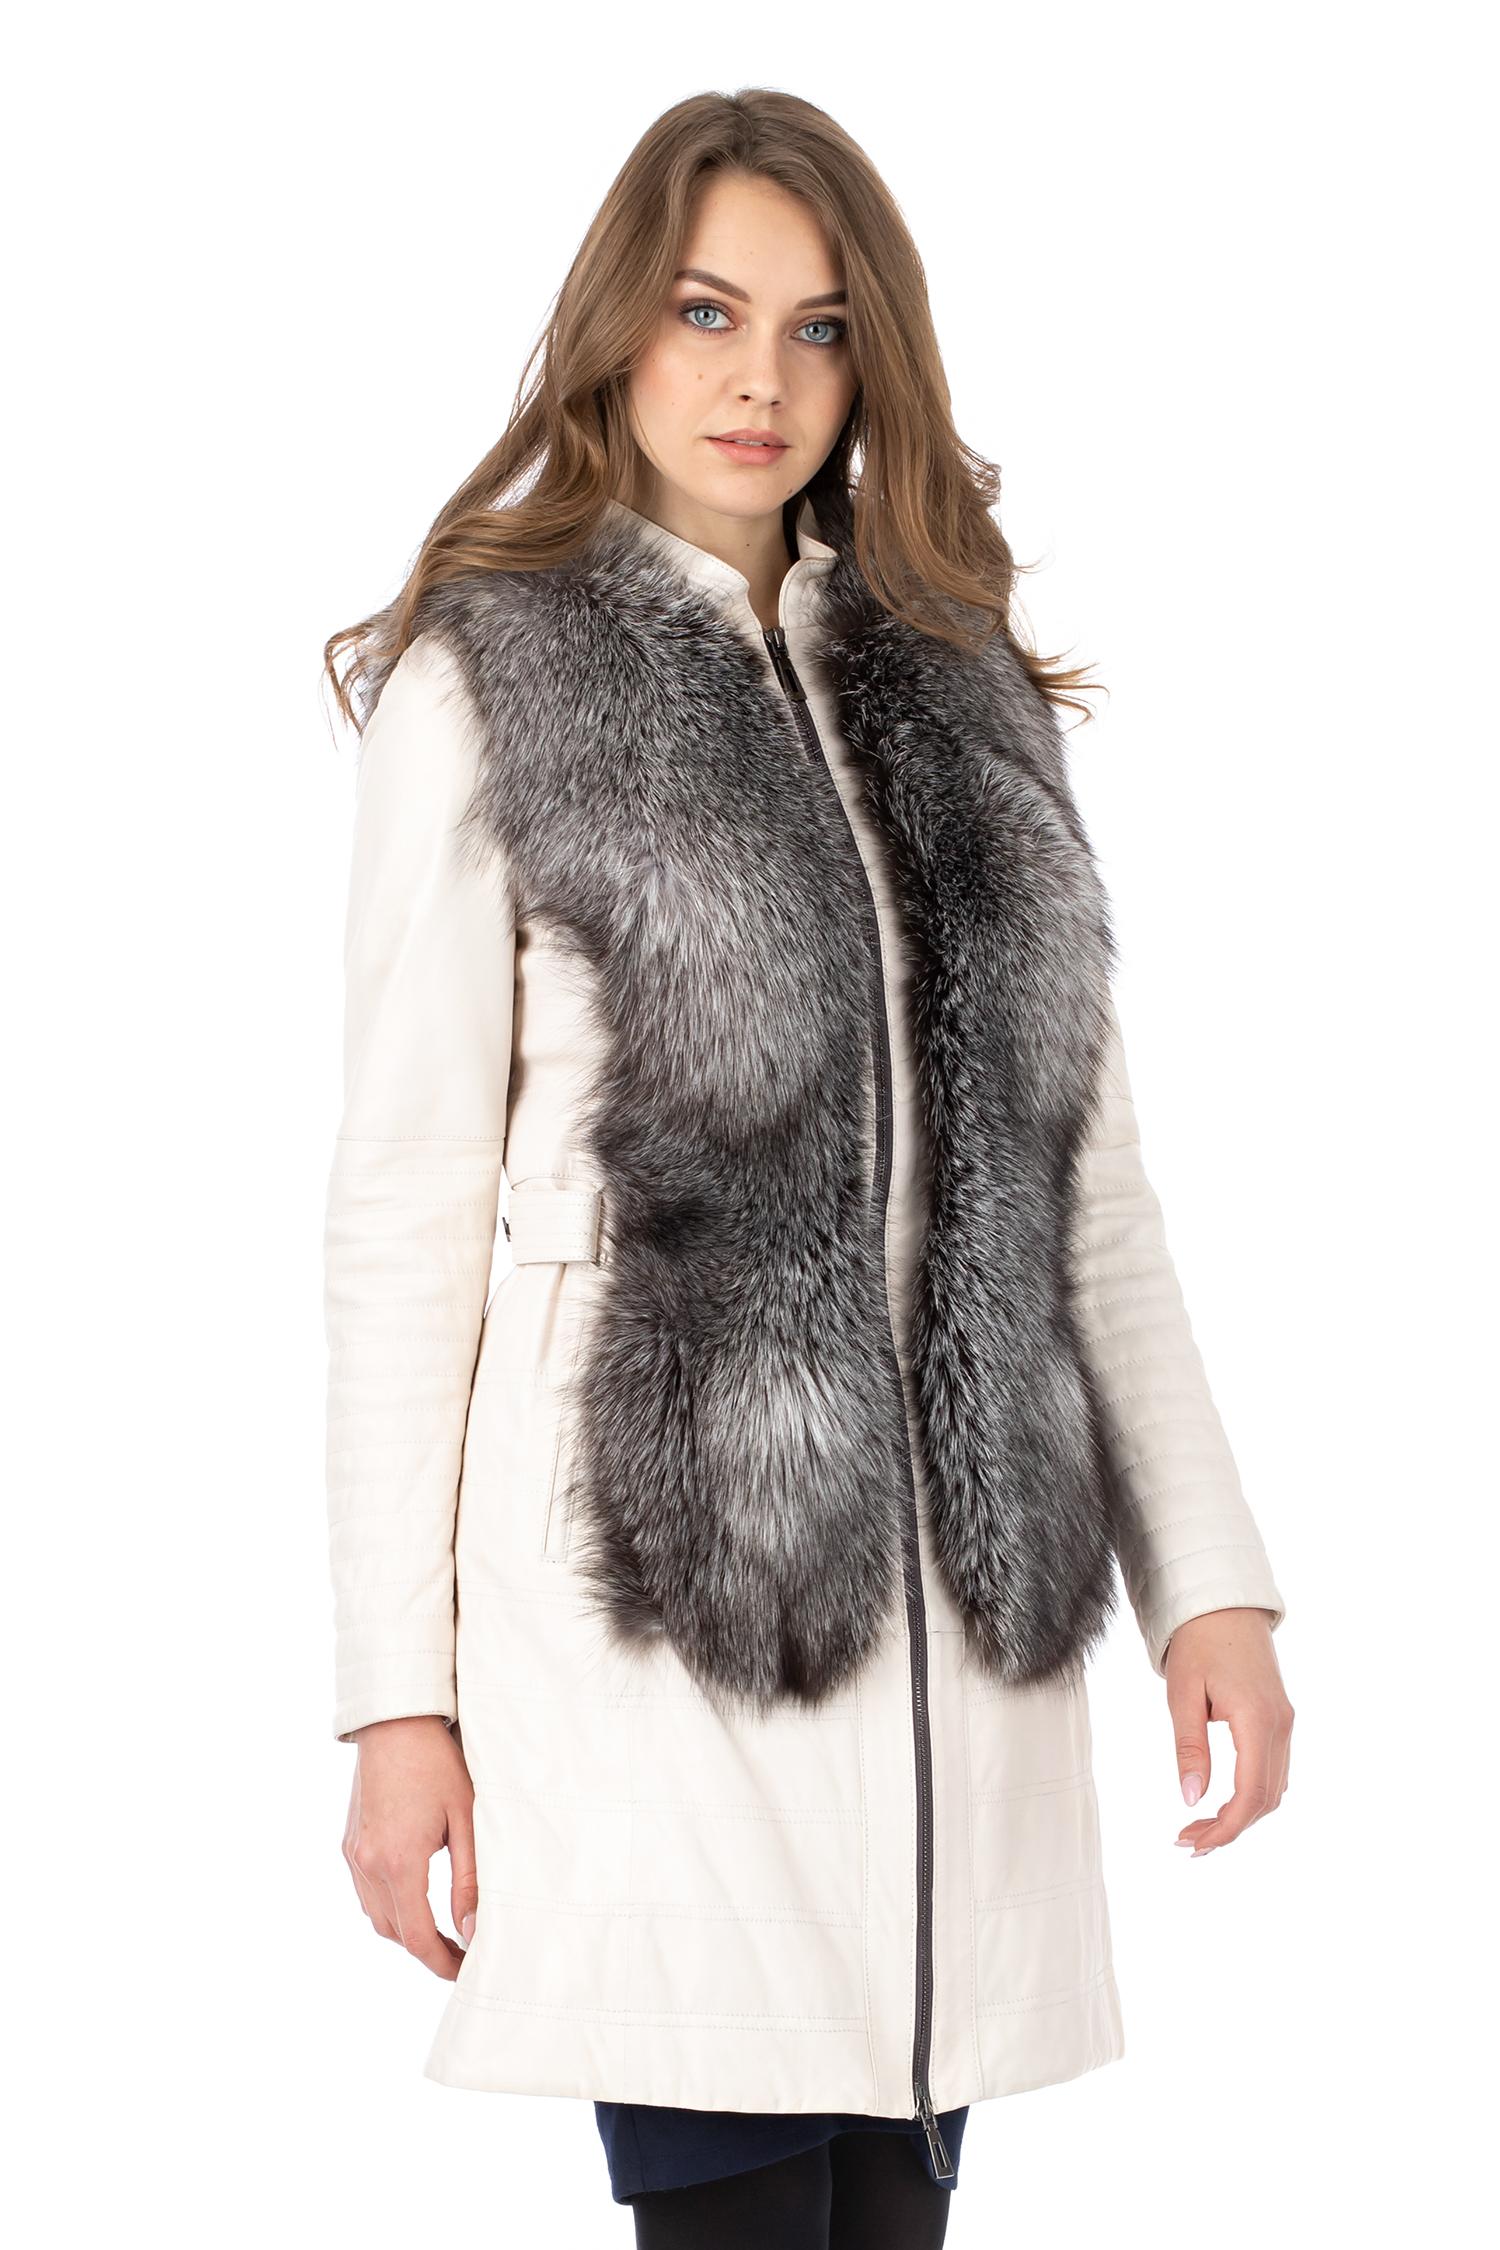 Купить со скидкой Женское кожаное пальто из натуральной кожи с воротником, отделка блюфрост